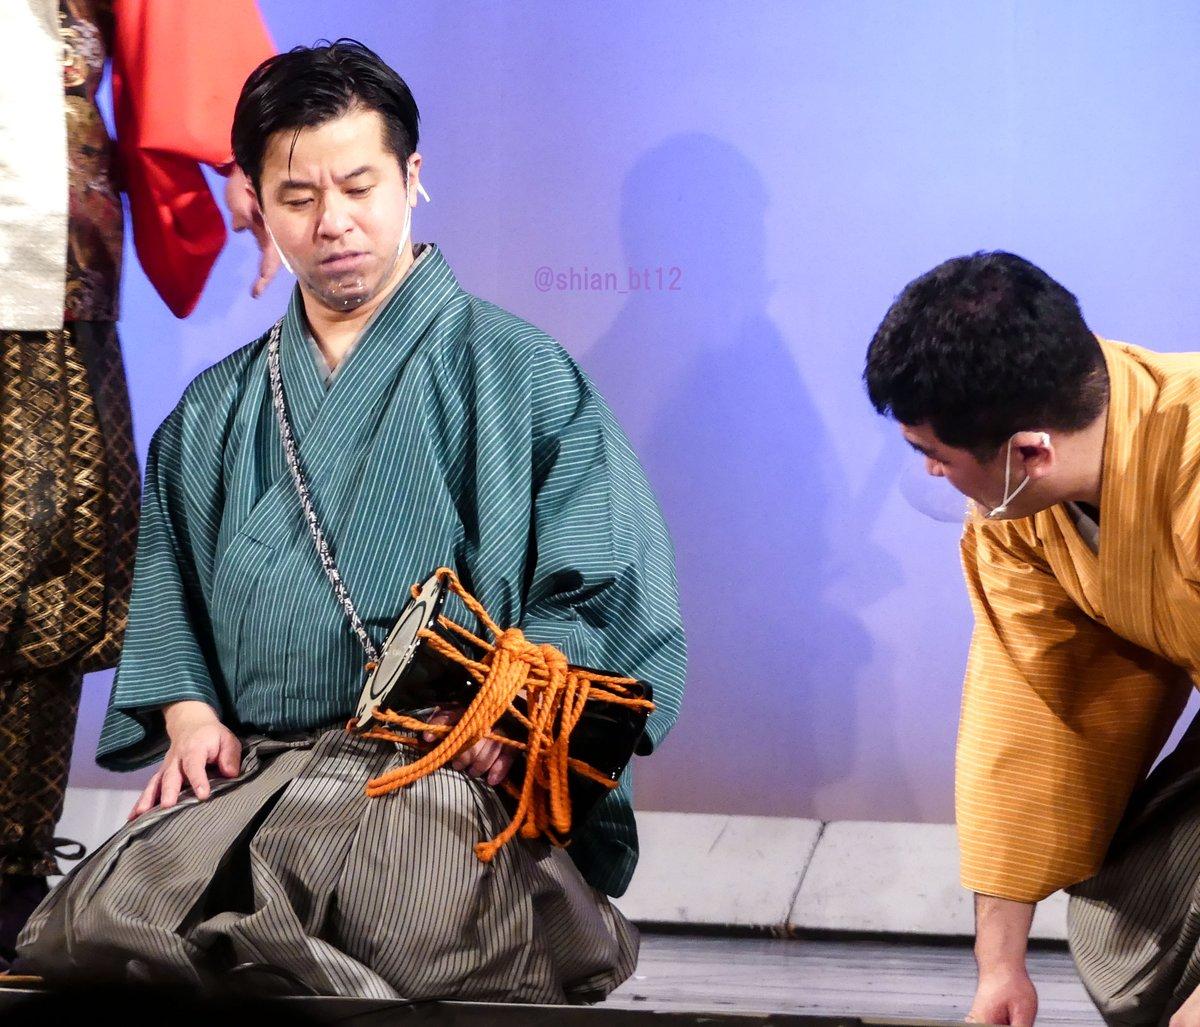 達矢 三島 盗撮犯に間違われた…すゑひろがりず・三島が悲しすぎる過去を明かす